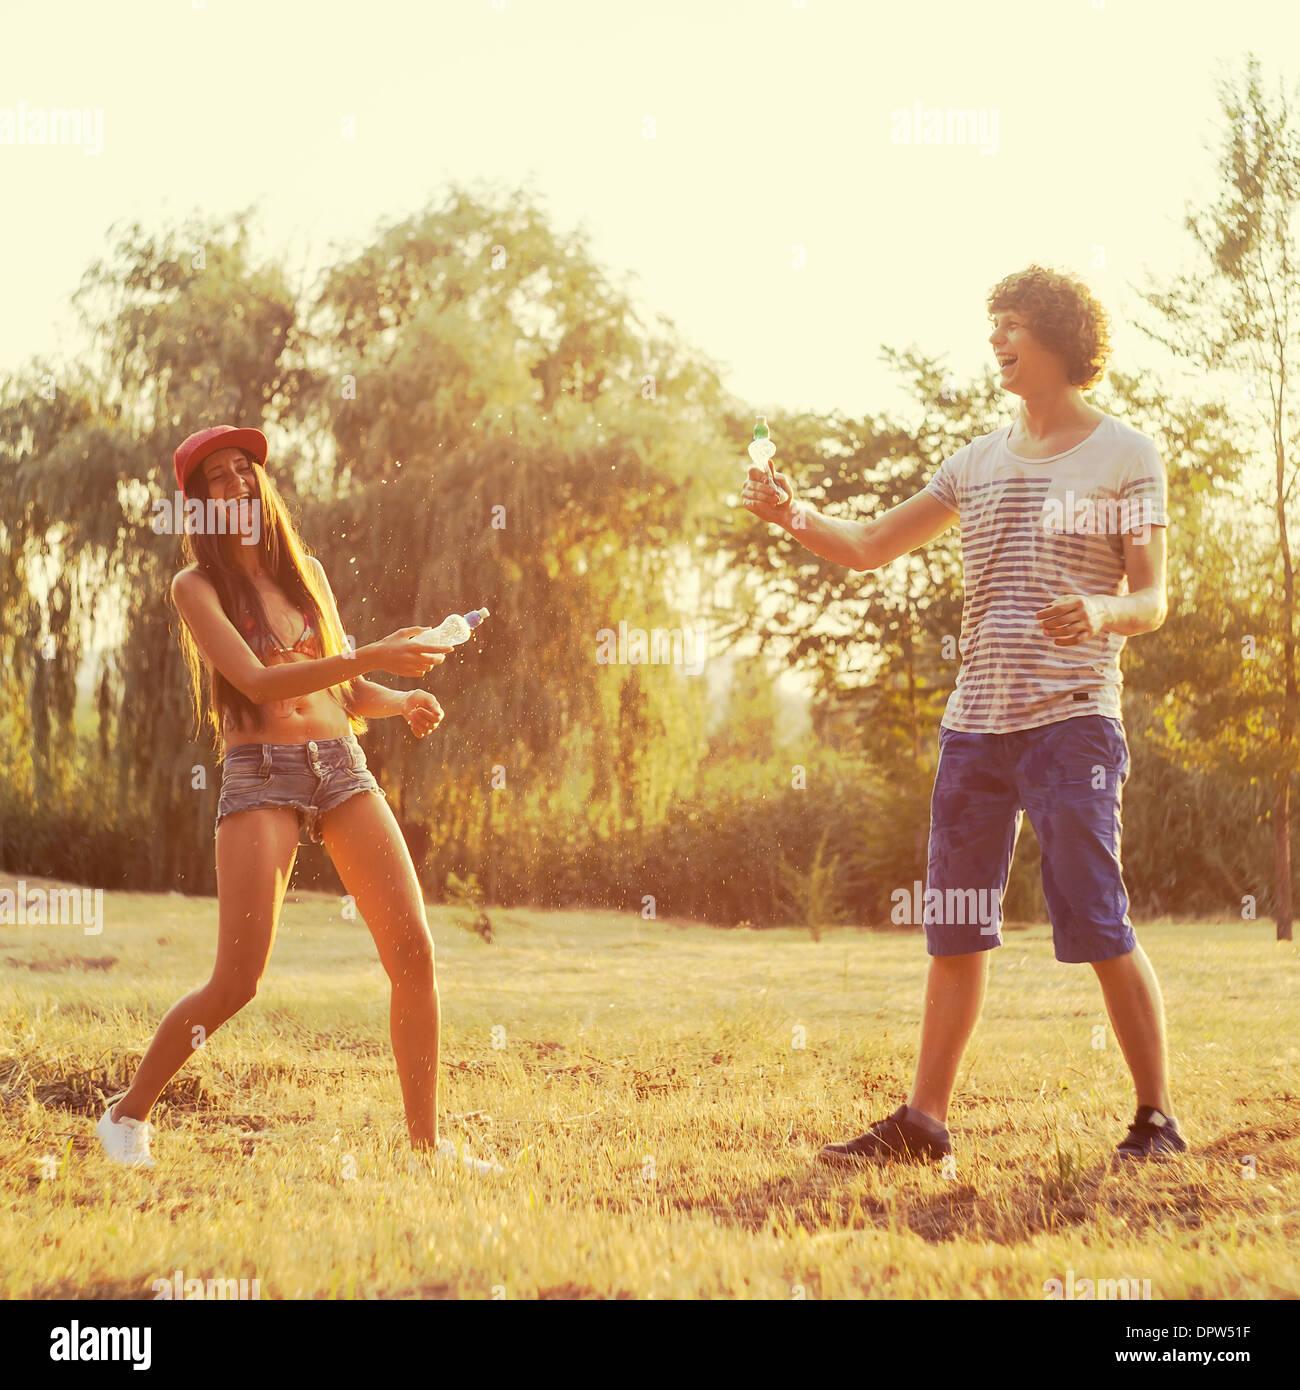 Teens giovane giocando con acqua Immagini Stock